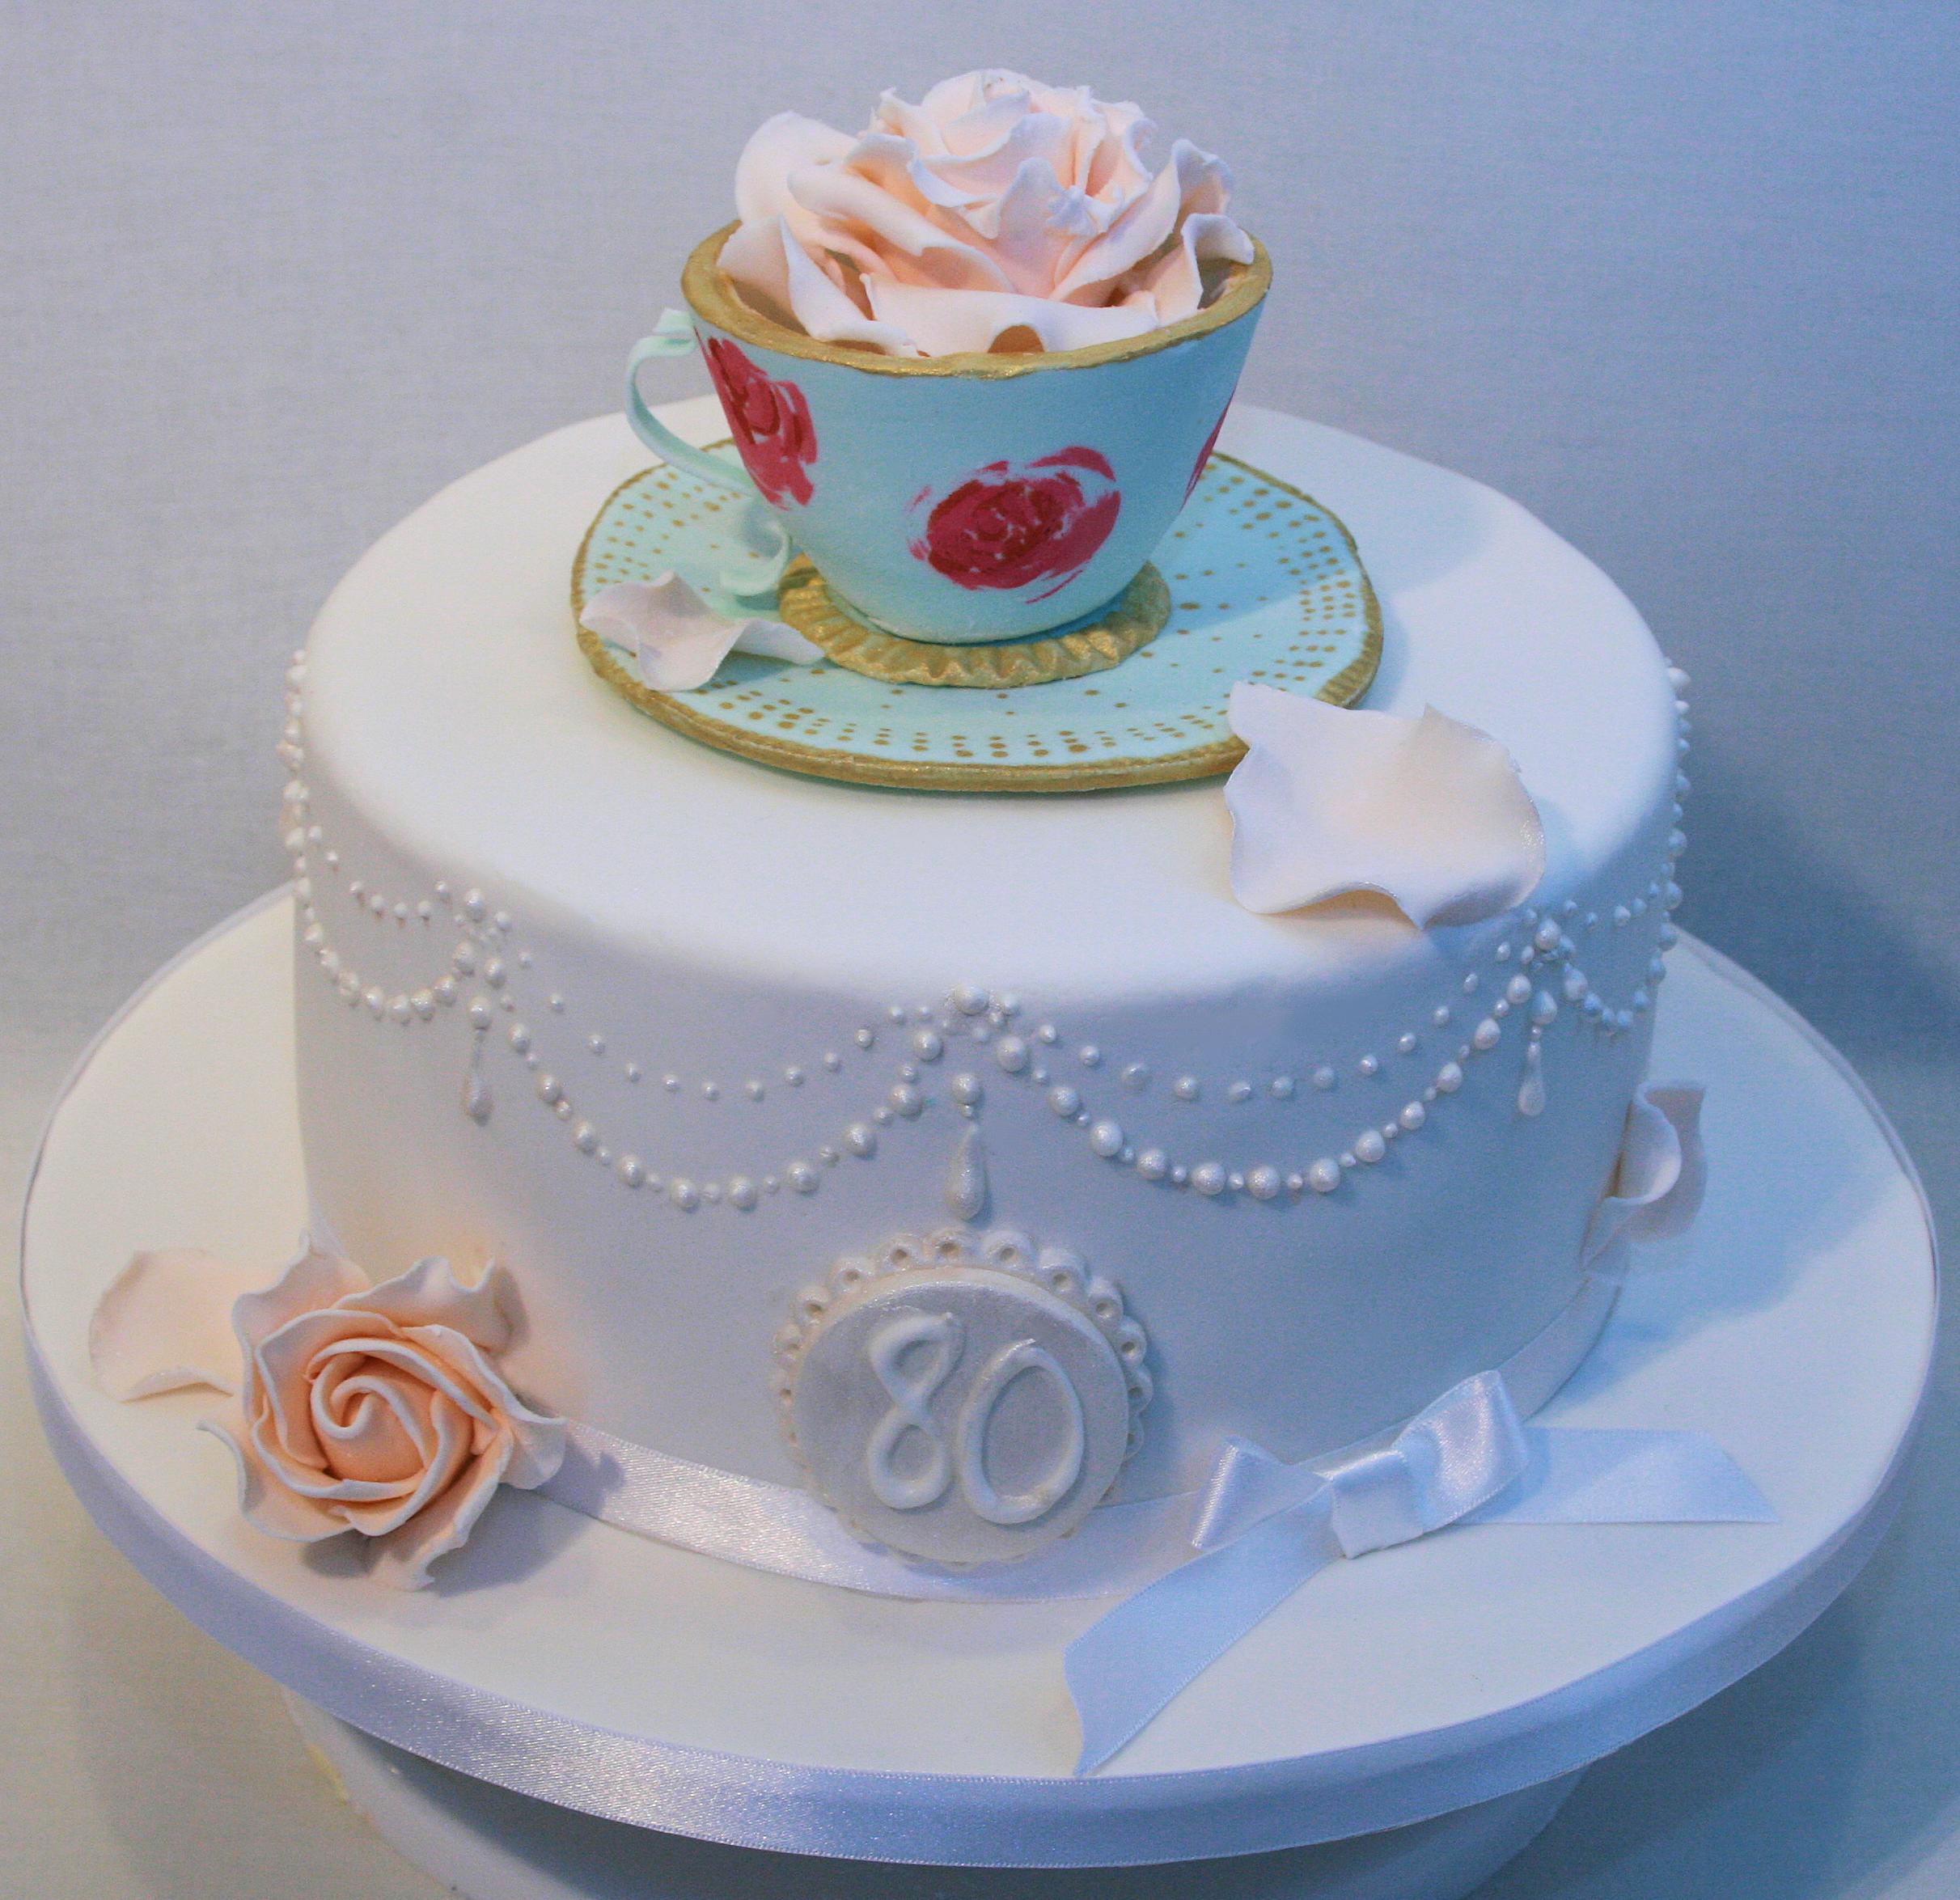 Vintage Teacup Cake